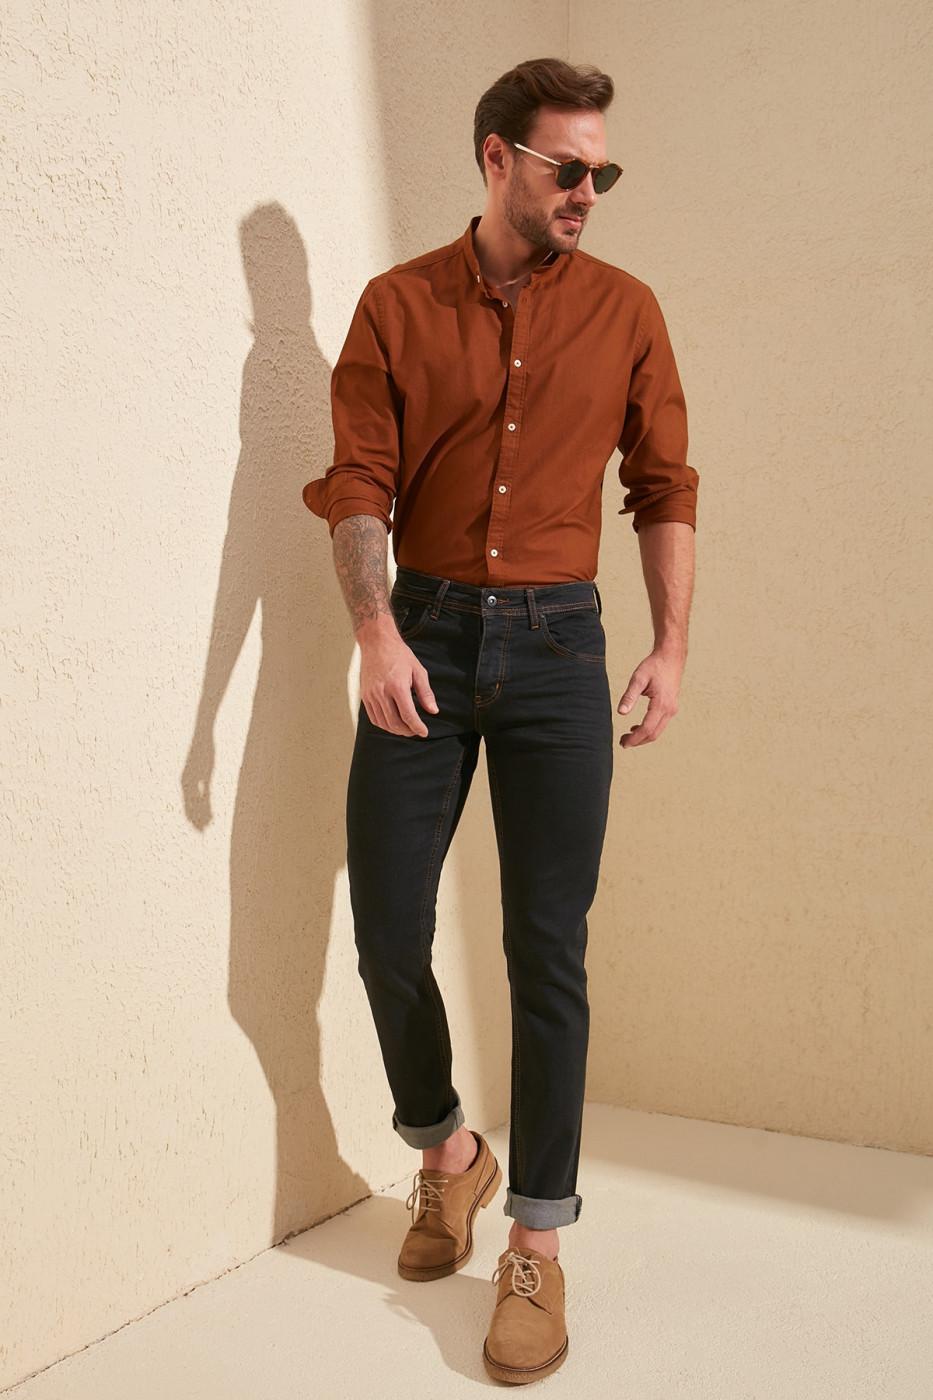 Men's jeans Trendyol Skinny jeans